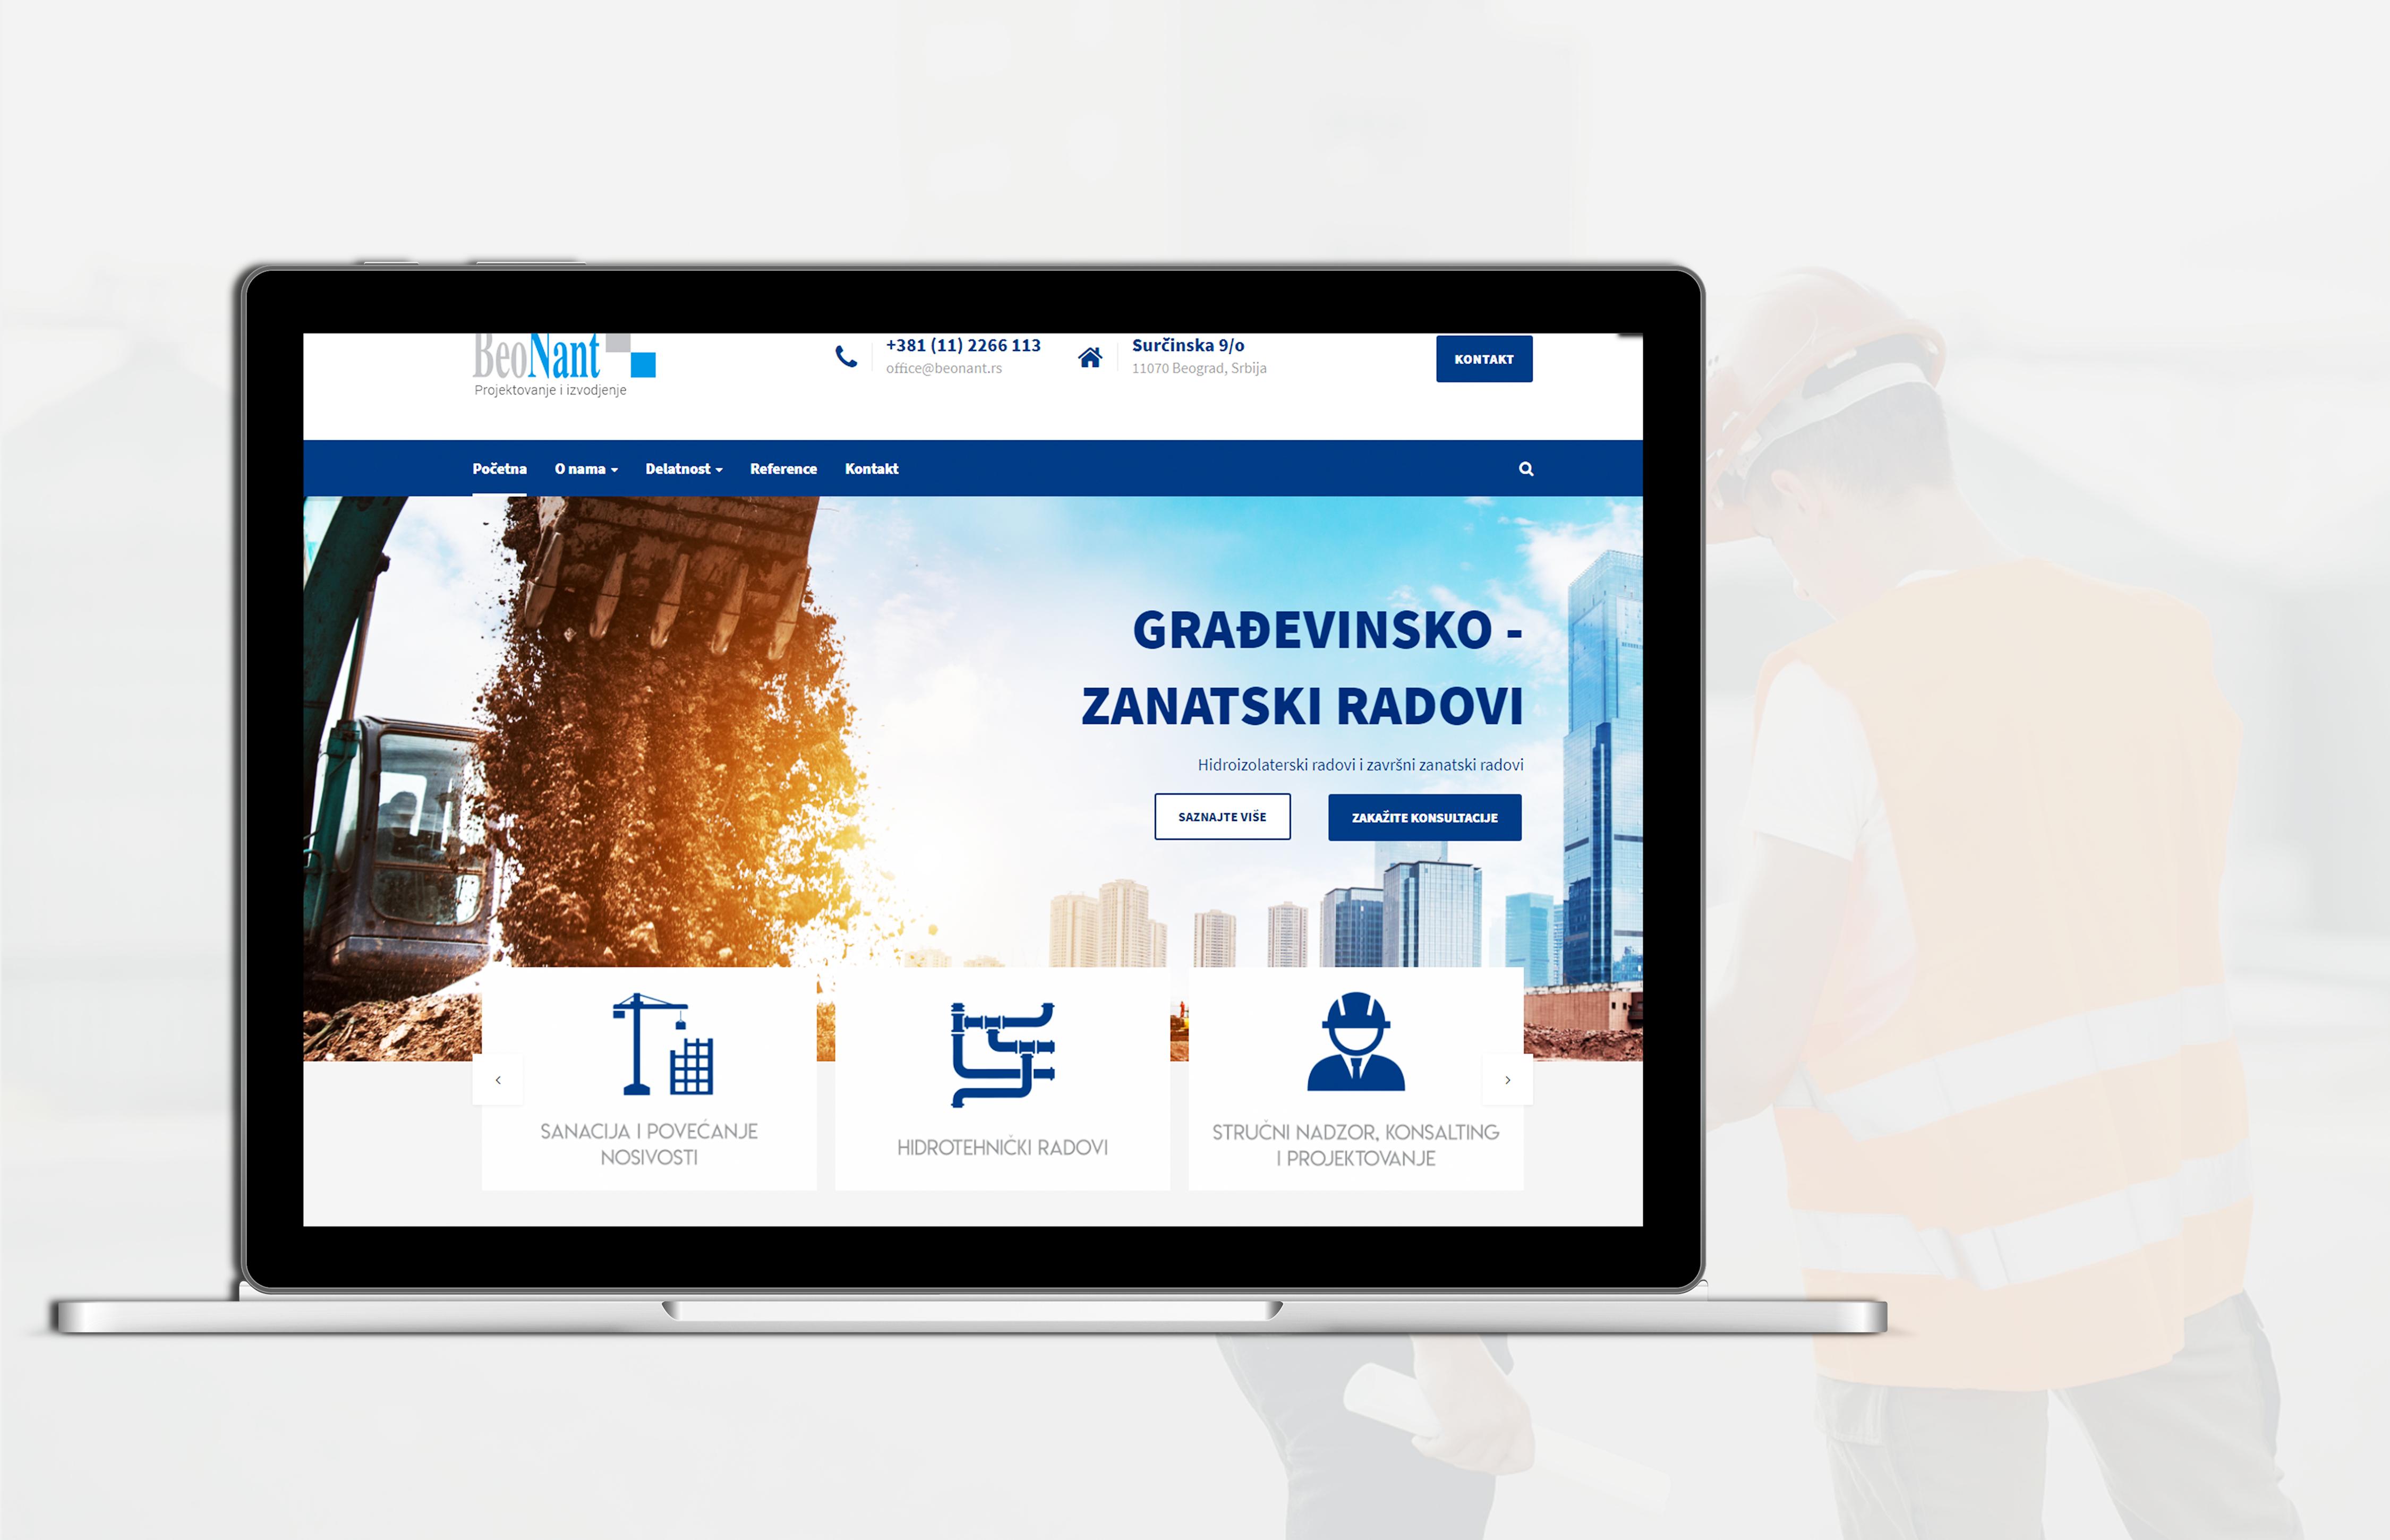 Izrada WordPress sajta za gradjevinsku firmu